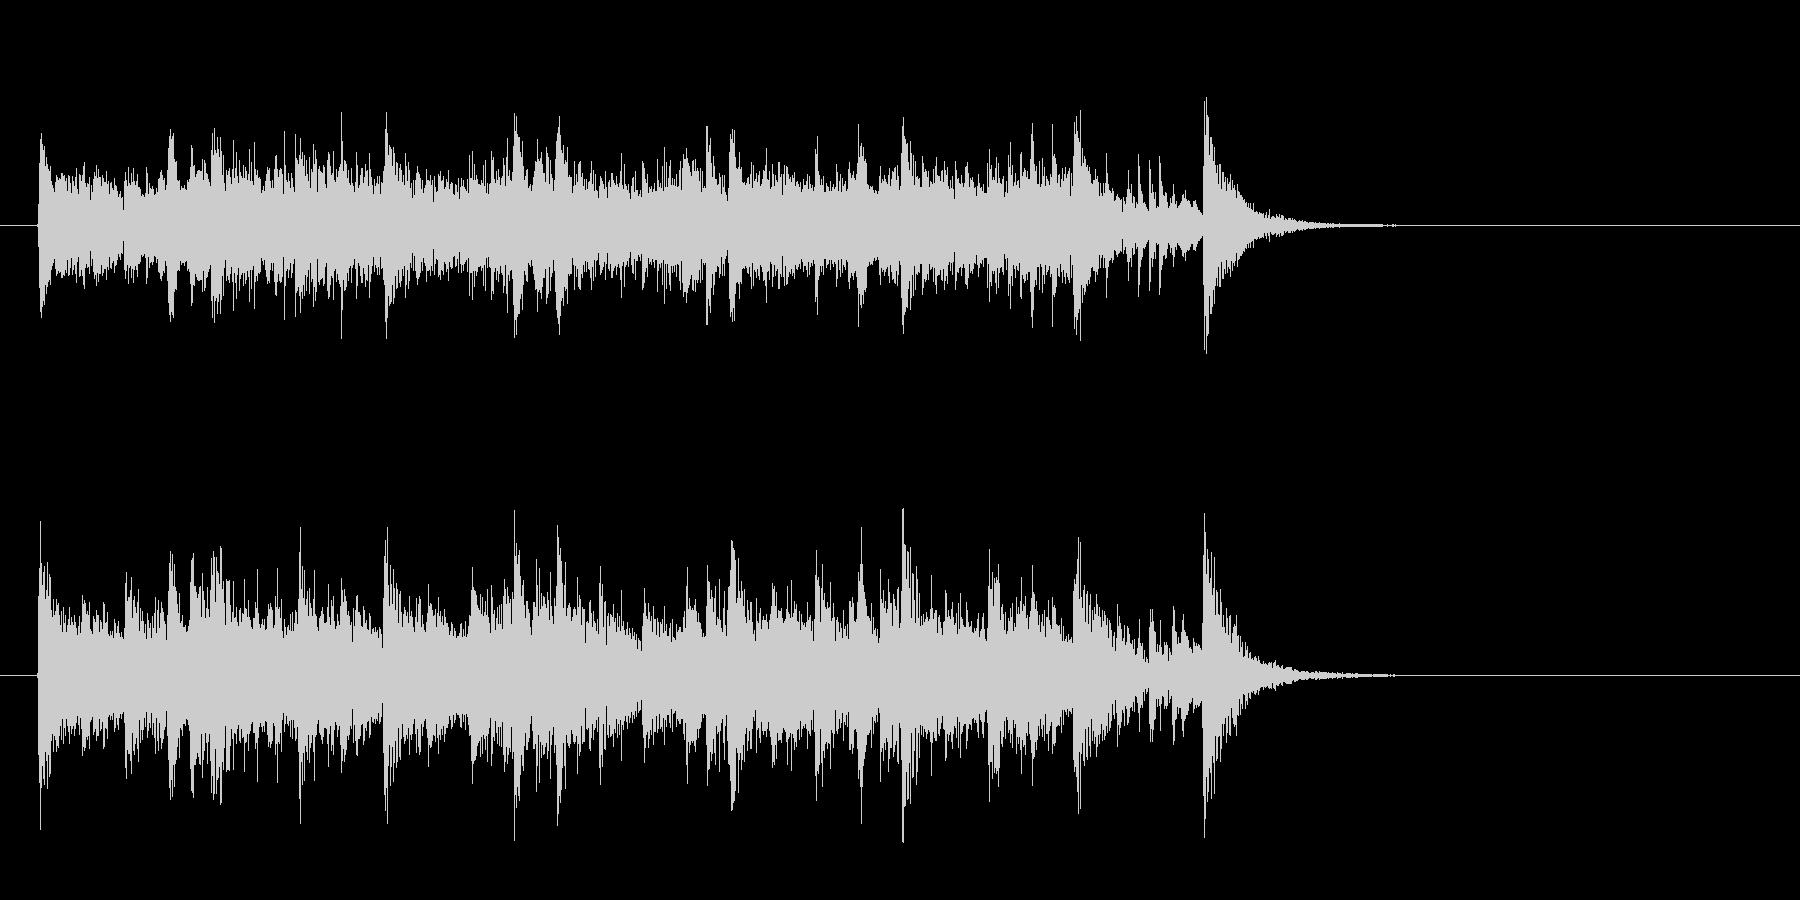 素朴なフォークポップス(イントロ)の未再生の波形